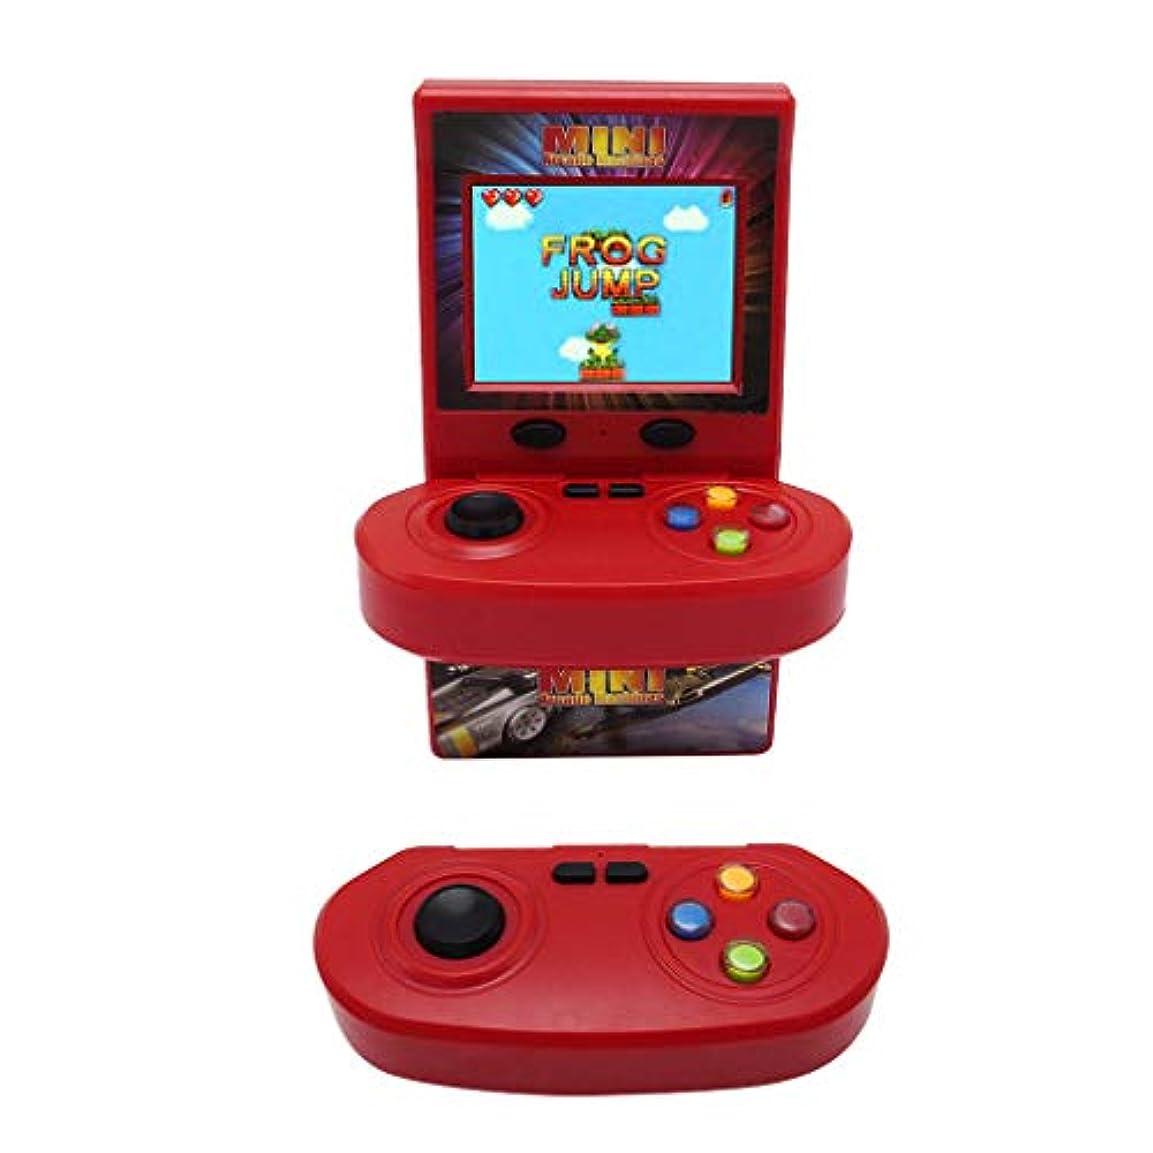 行商メロディー誰のゲームコンソール ダブルワイヤレスジョイスティック アーケードゲーム コンソール ノスタルジック 100ゲーム ゲームプレーヤー ダブルハンドル 携帯ゲーム機huajuan